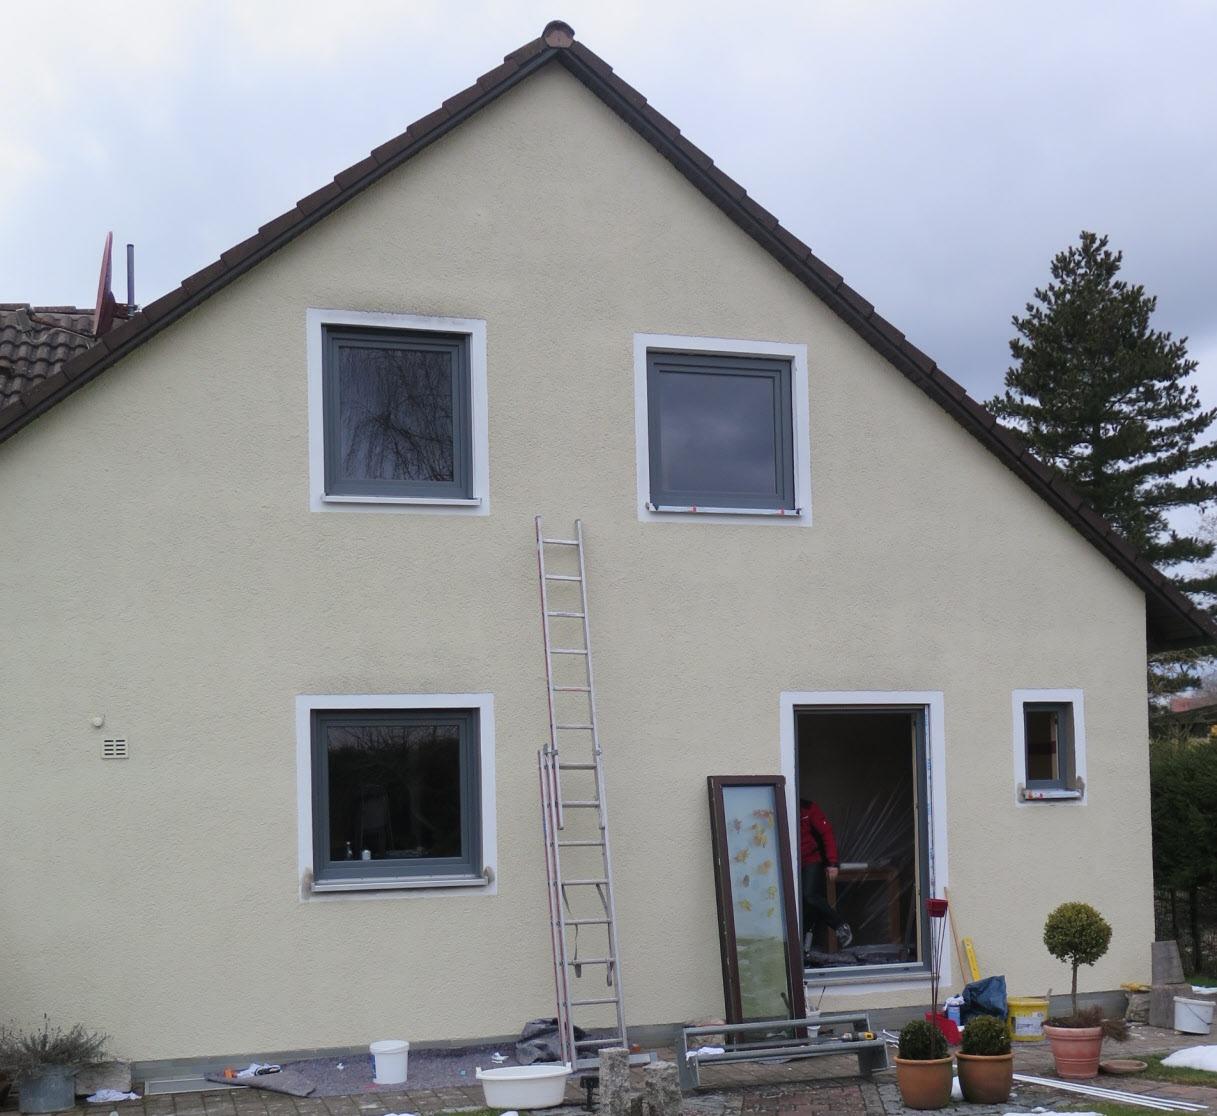 Bei der energetischen Sanierung eines Hauses kannmit den richtigen Türen und Fenstern viel erreicht werden. Foto: ENA